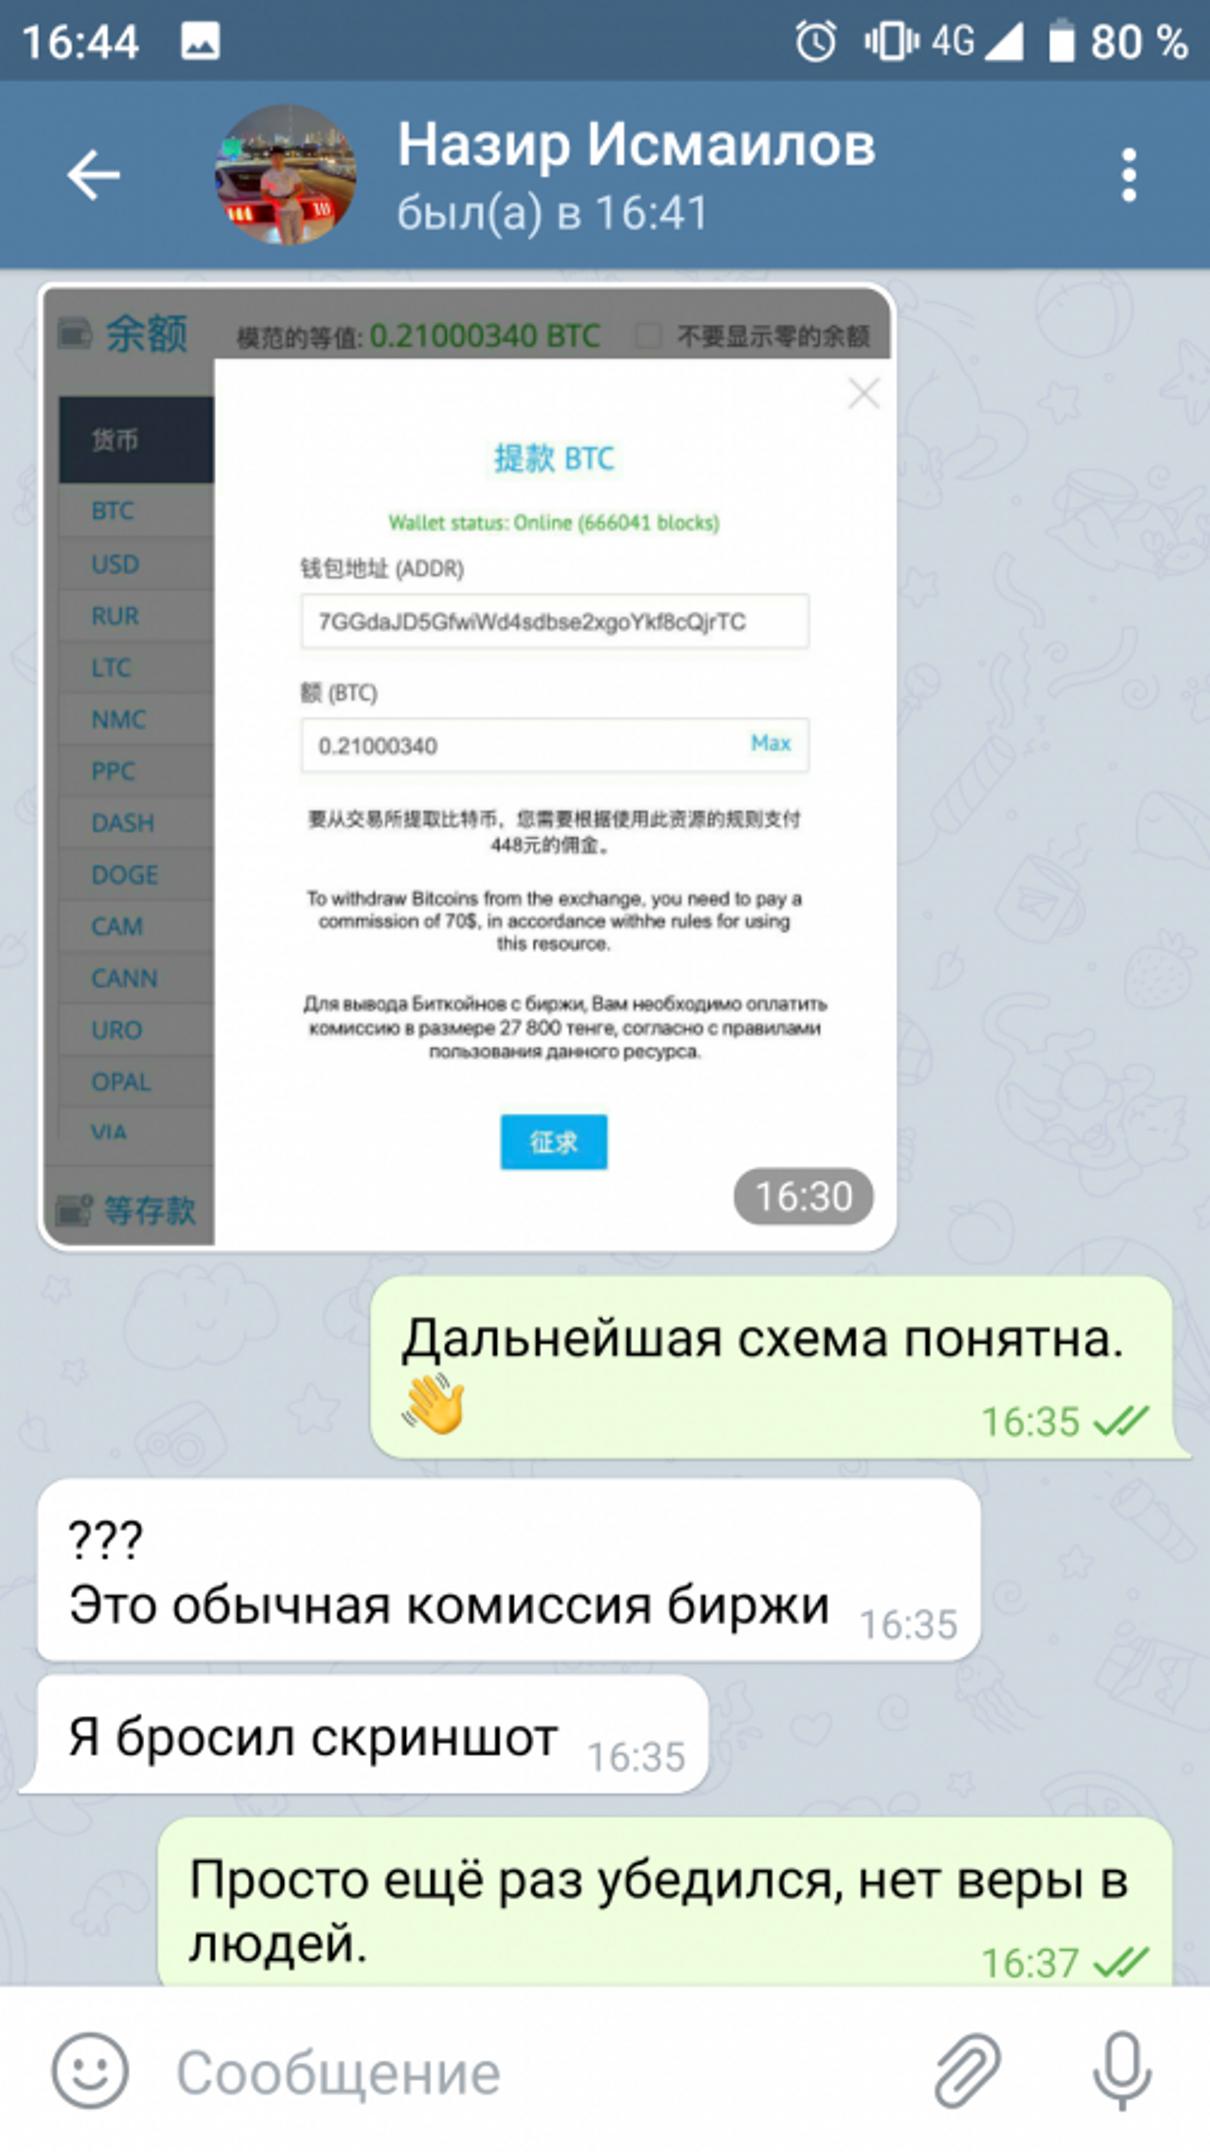 Жалоба-отзыв: Telegram канал Казахский миллионер - Мошенник в Telegram.  Фото №3